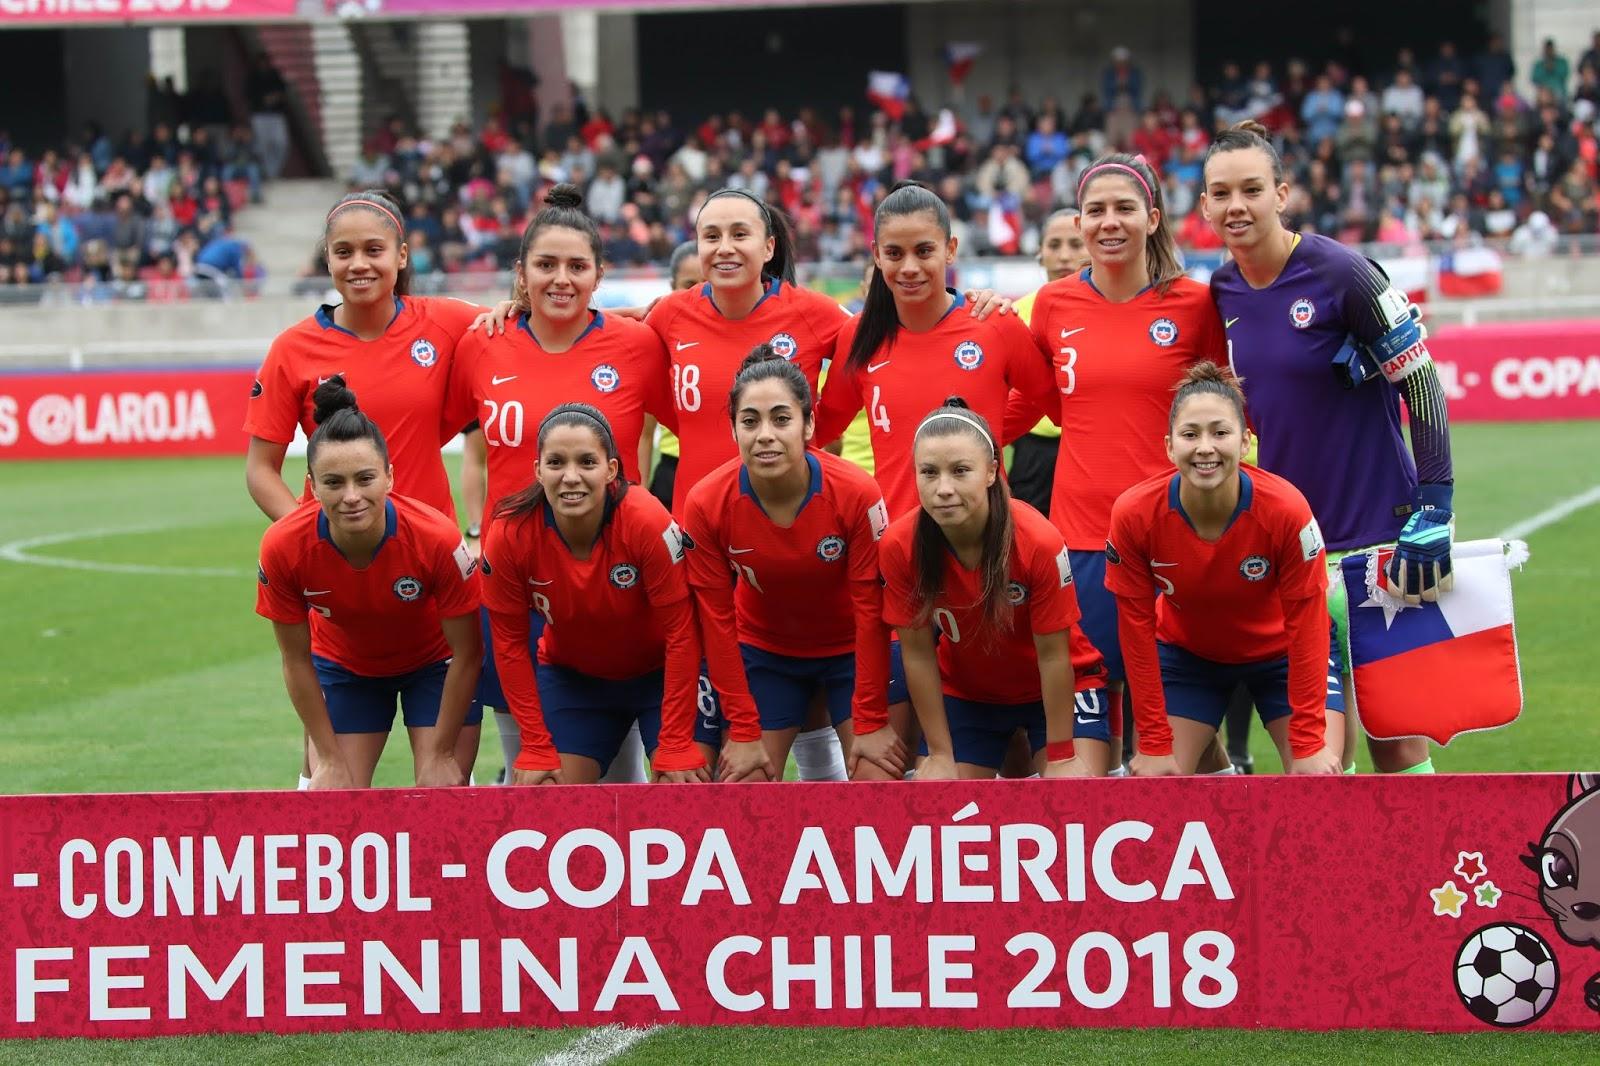 Formación de selección de Chile ante Argentina, Copa América Femenina 2018, 22 de abril